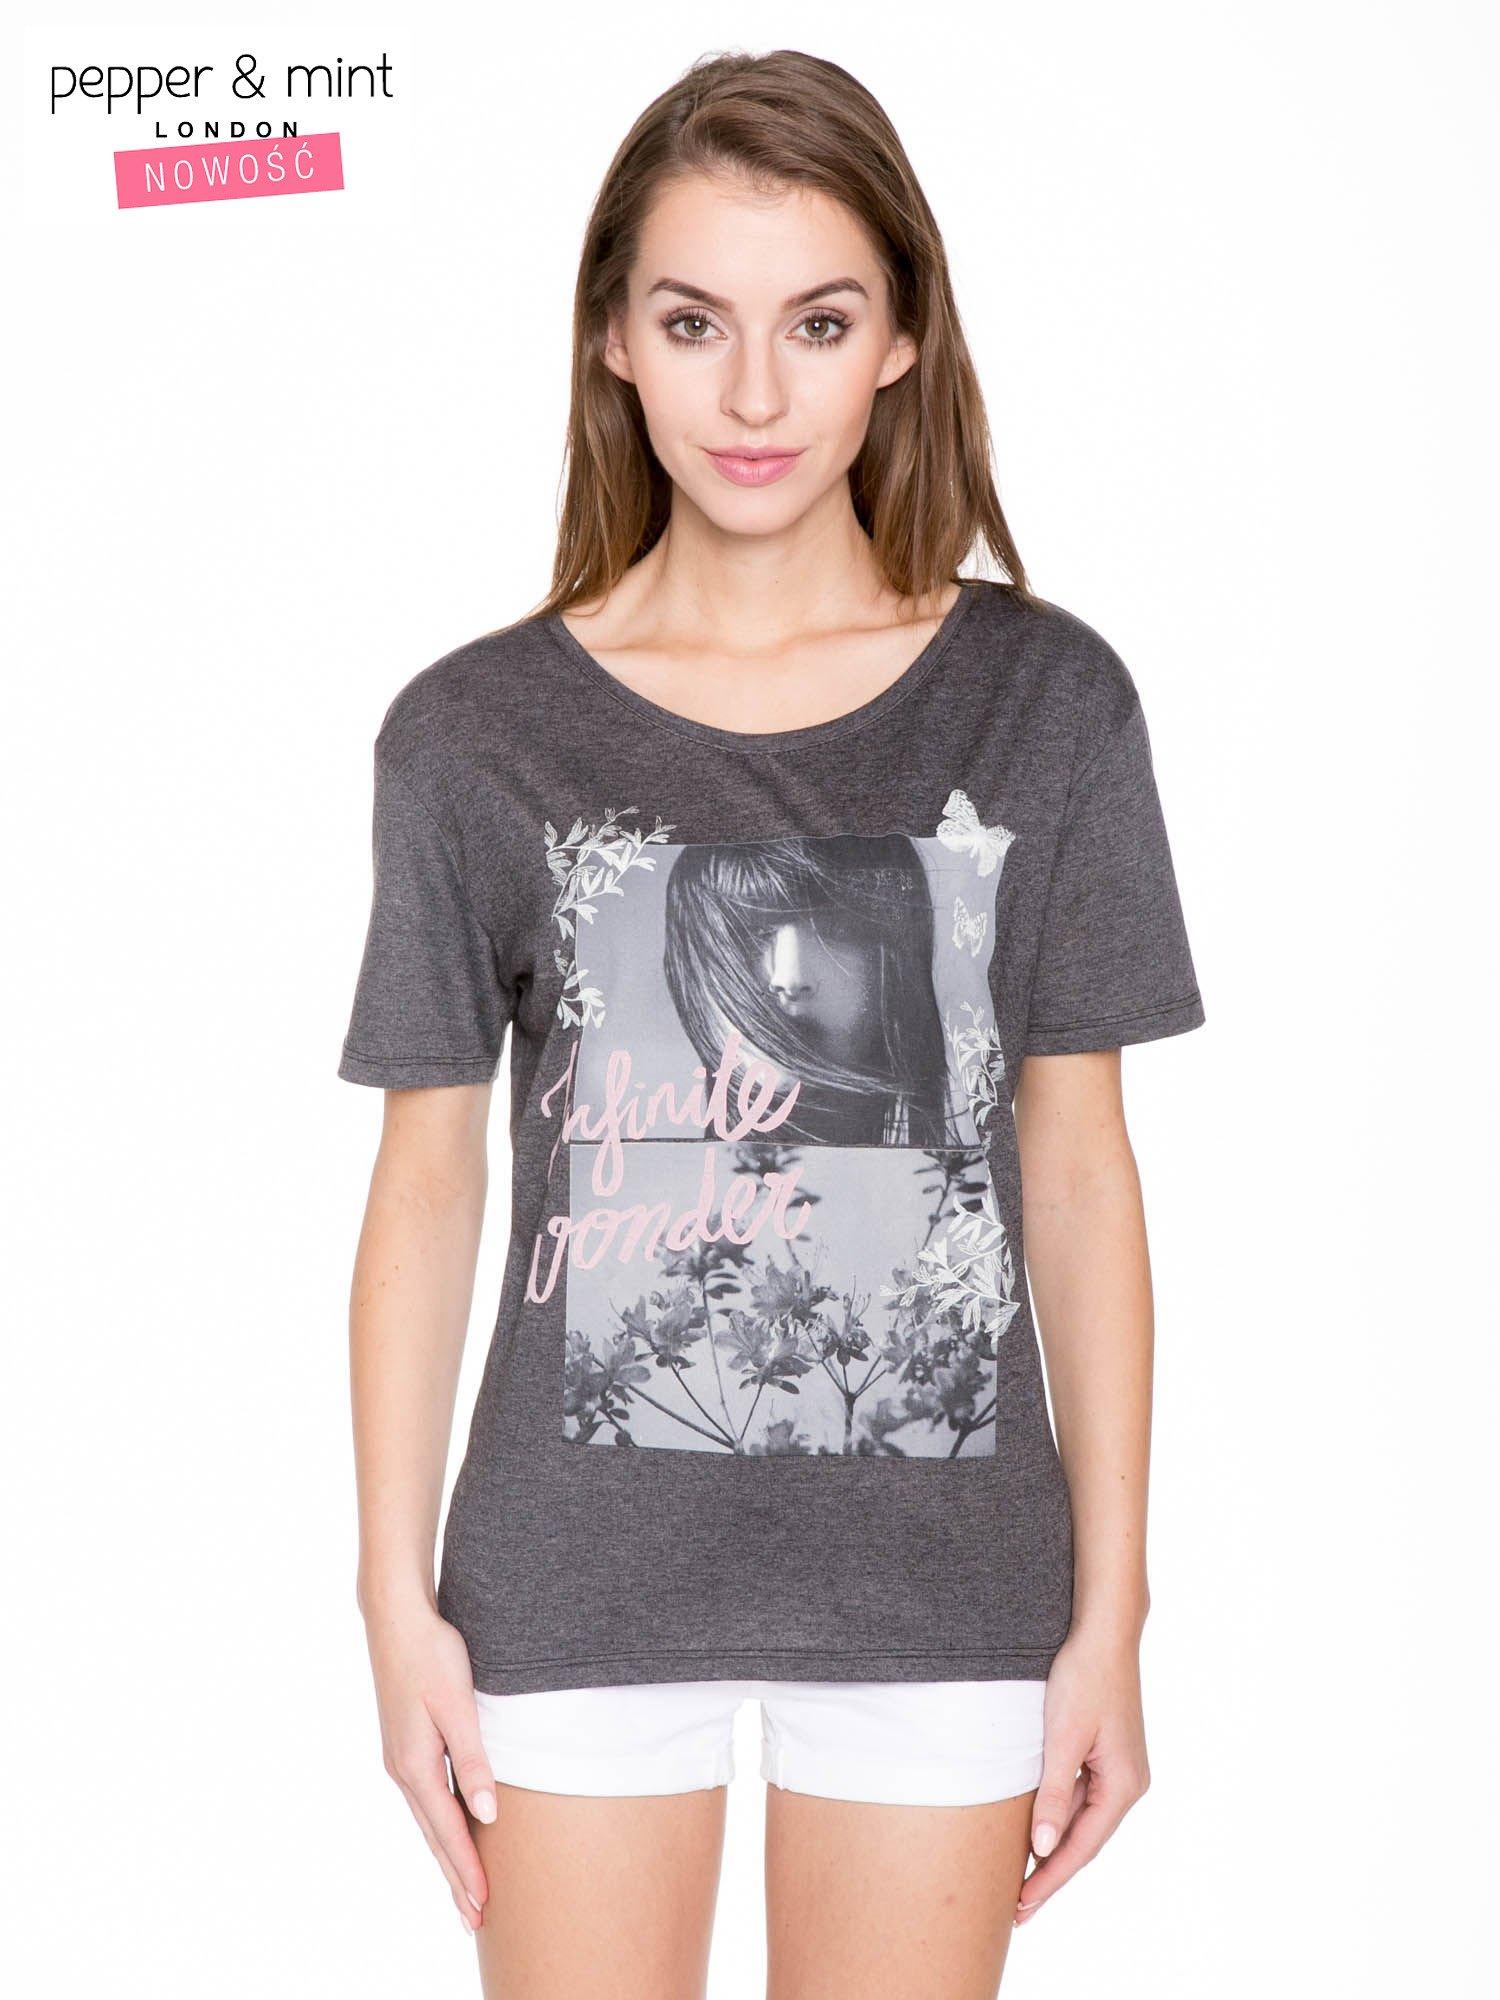 Szary t-shirt z romantycznym nadrukiem dziewczyny                                  zdj.                                  1